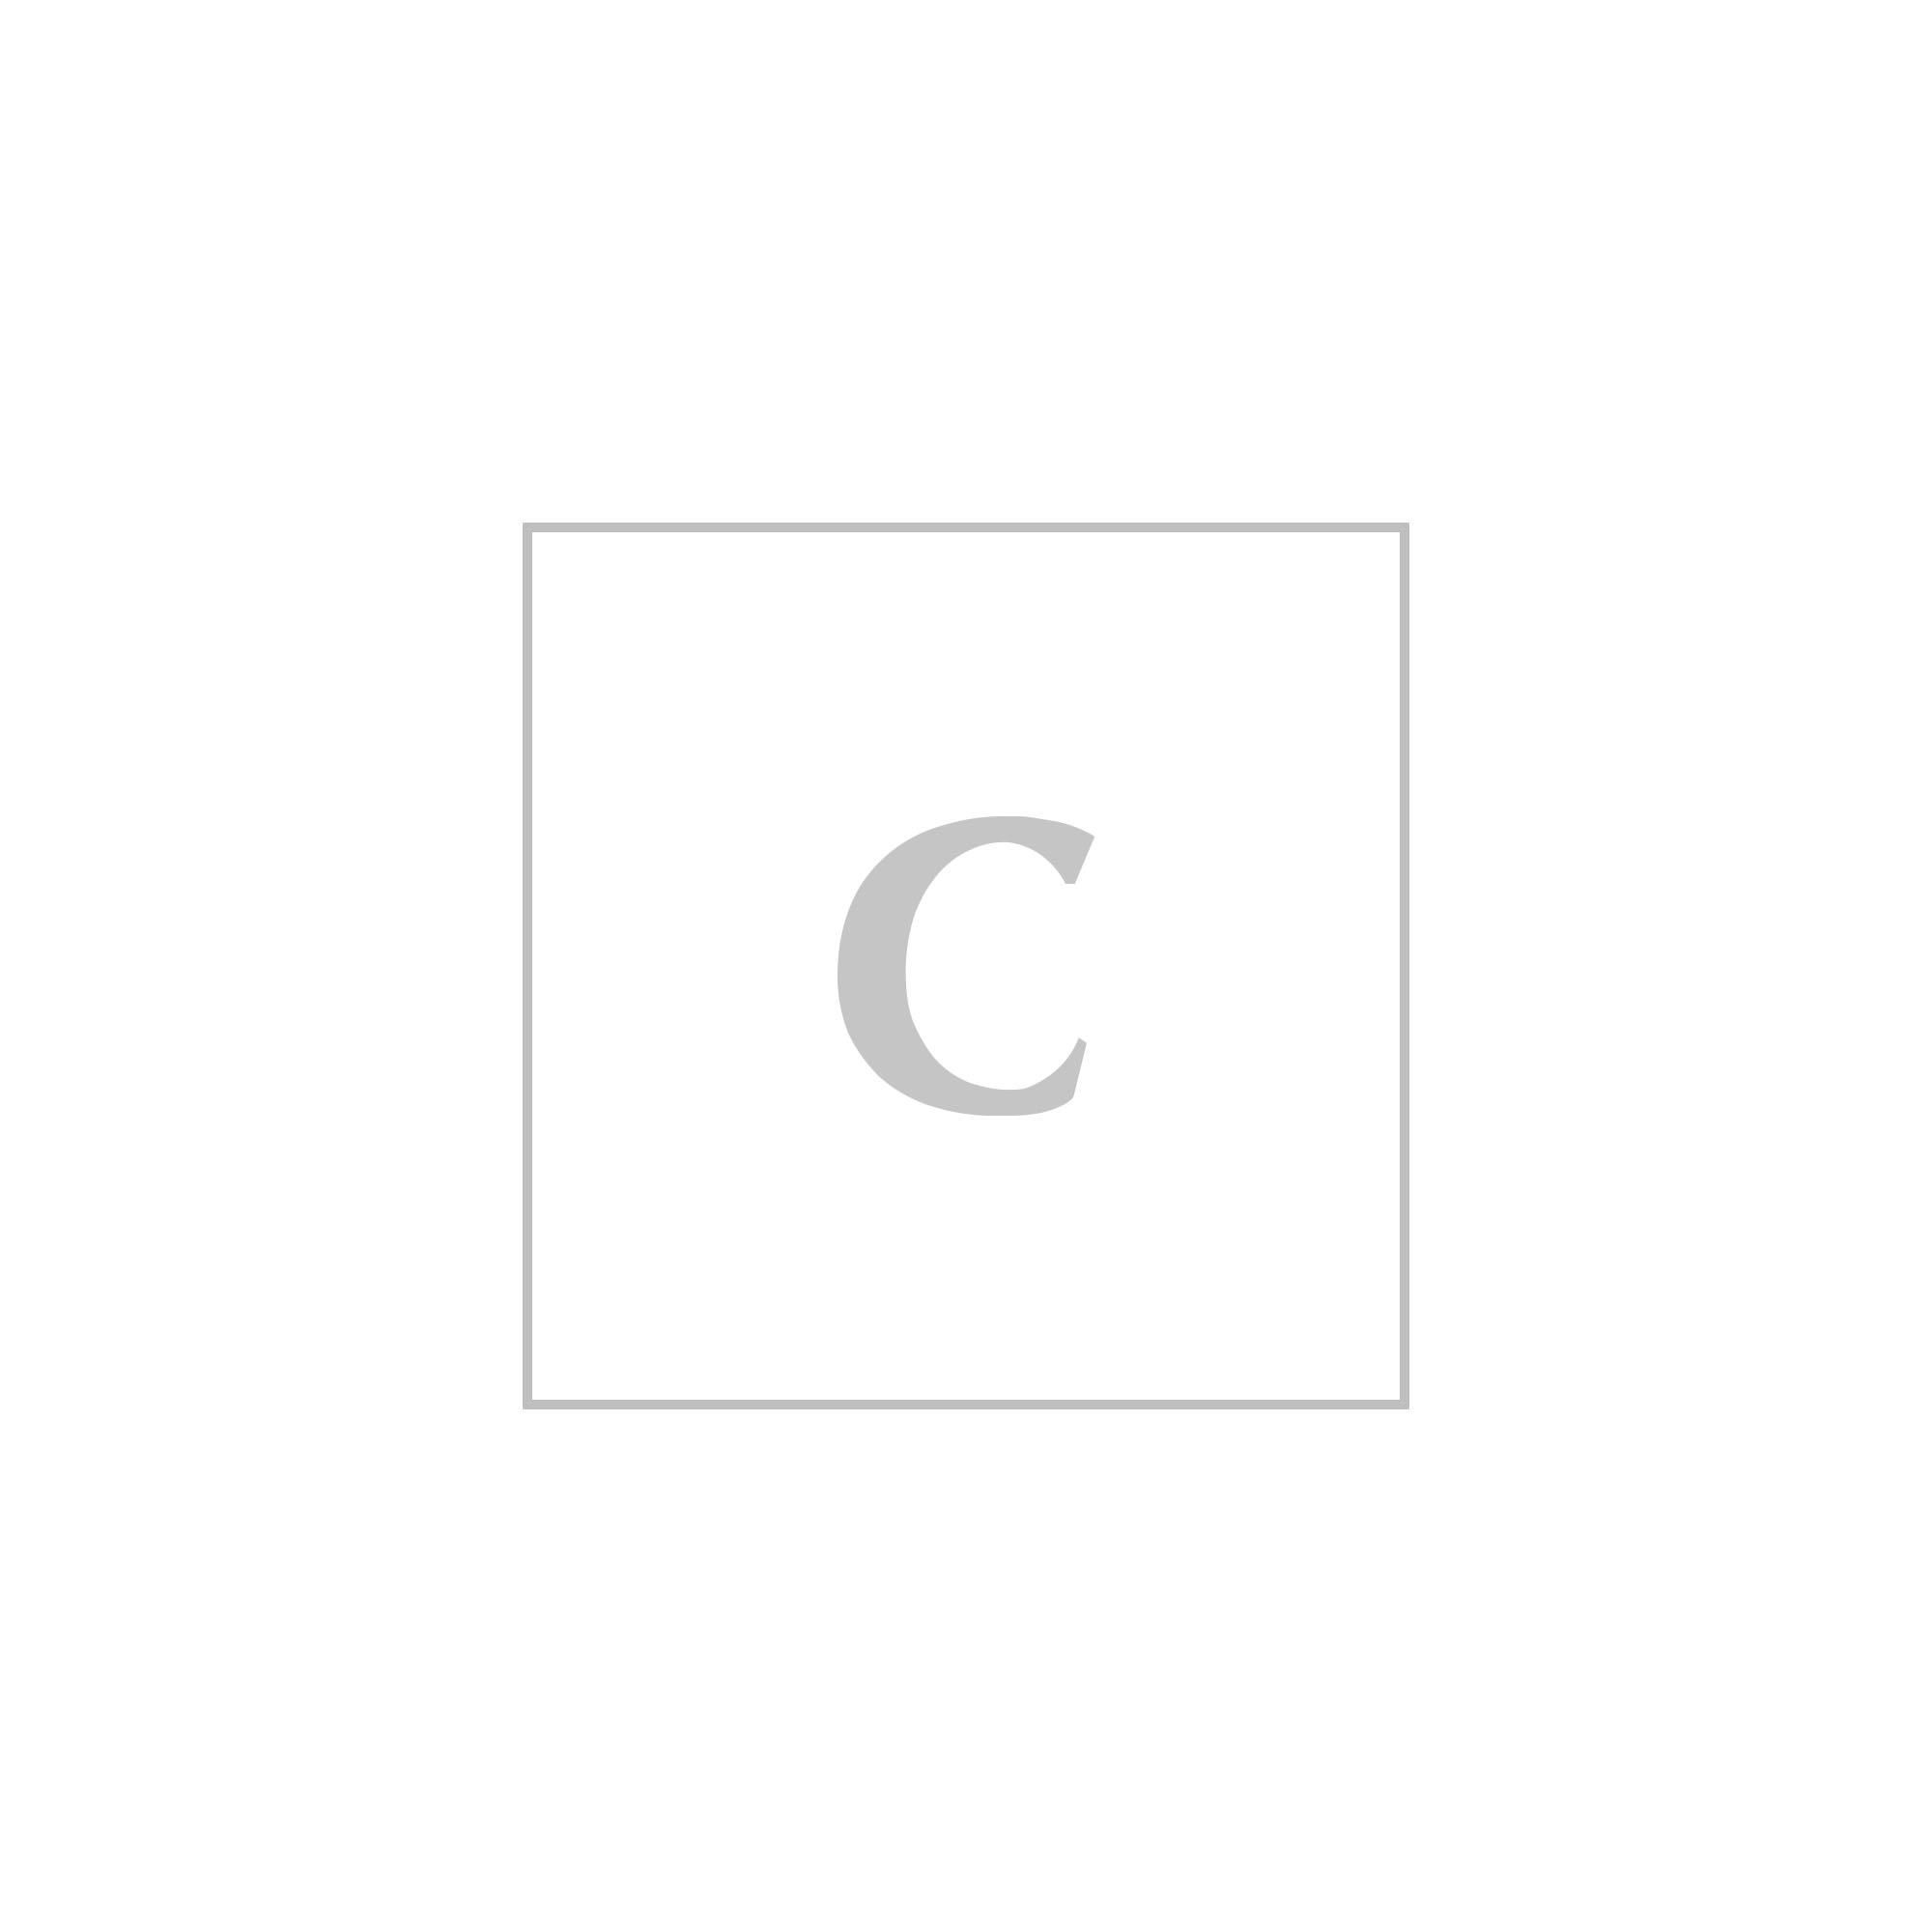 Dolce & gabbana t-shirt m/corta girocollo